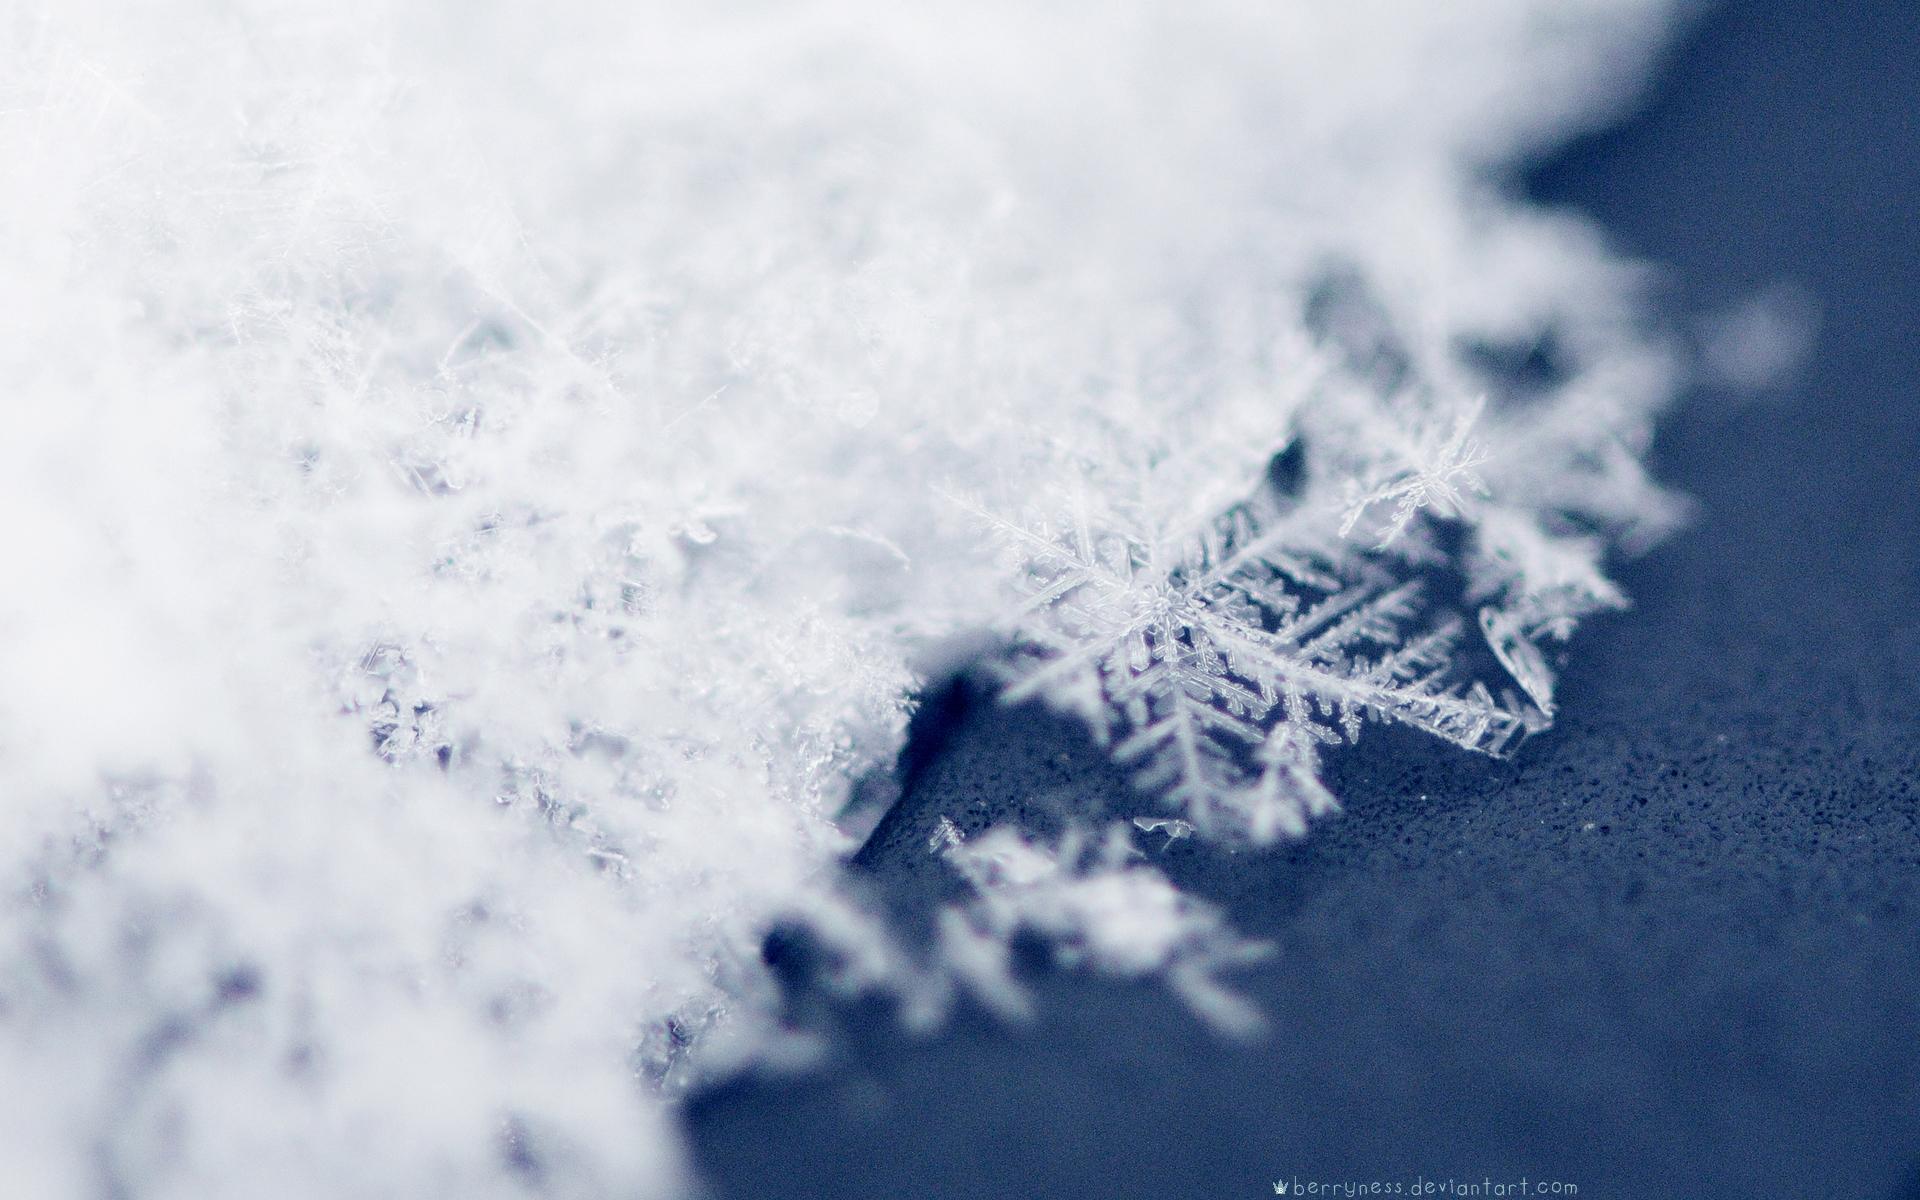 Snow Snowflakes Wallpaper 1920x1200 Snow Snowflakes 1920x1200